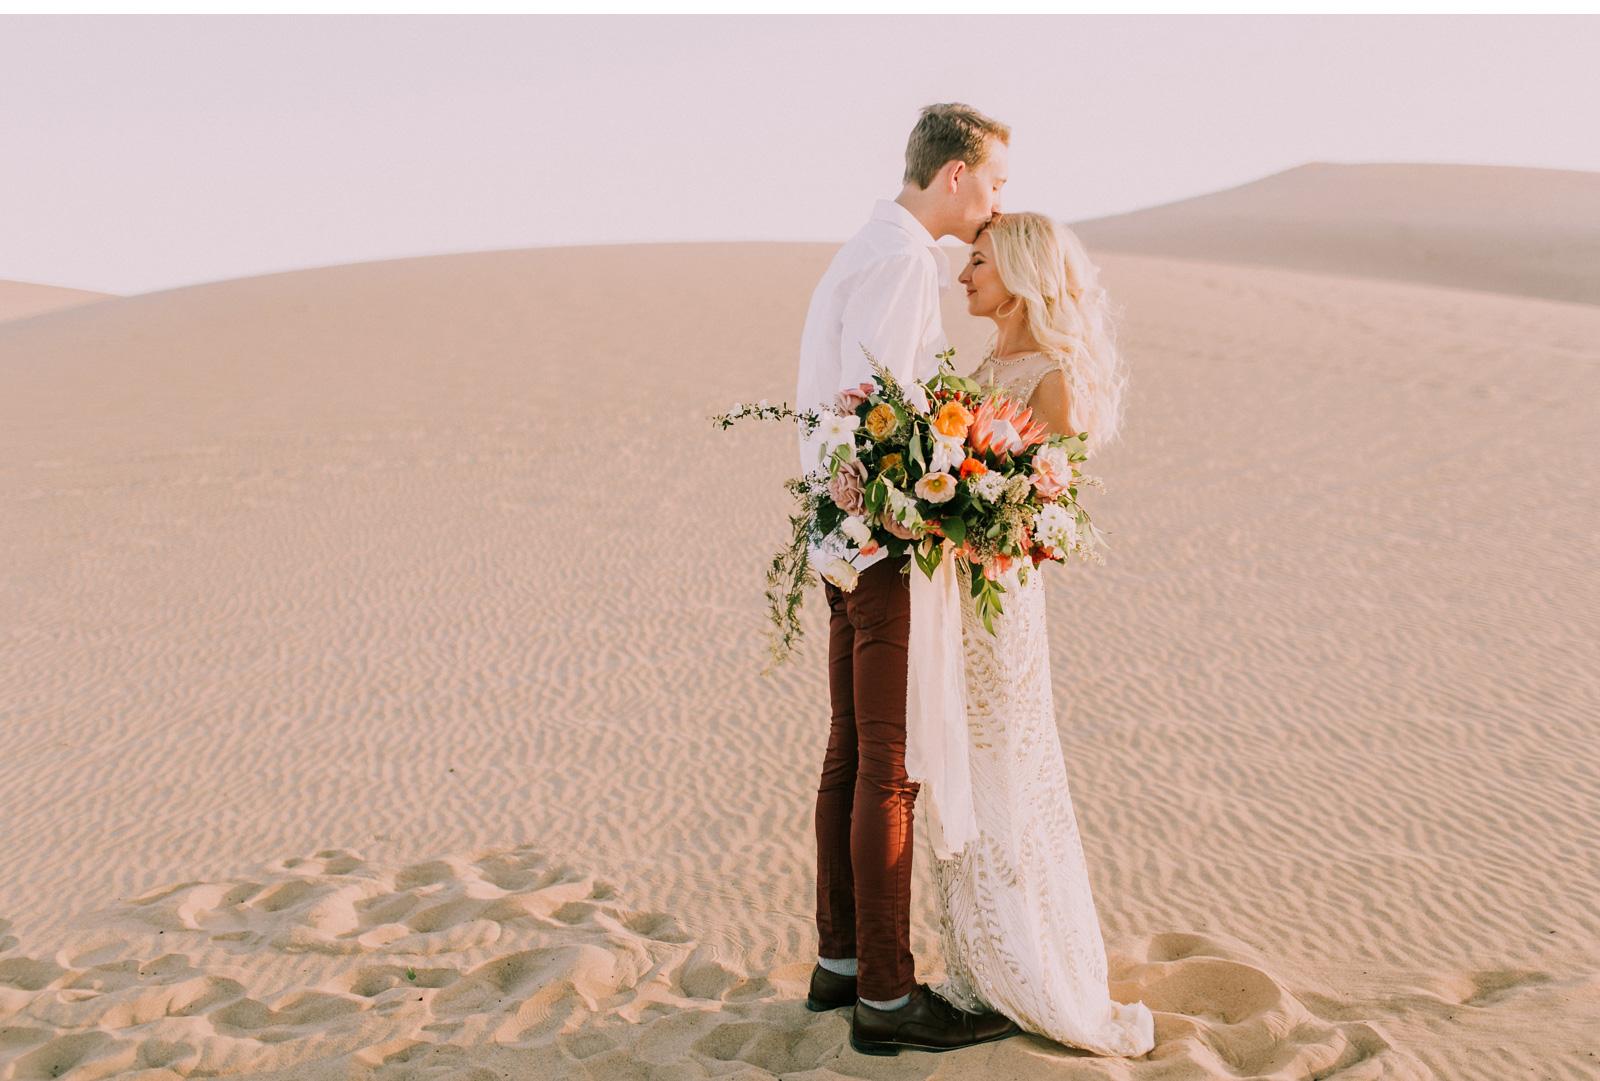 Adventure-Wedding-Green-Wedding-Shoes-Natalie-Schutt-Photography_06.jpg